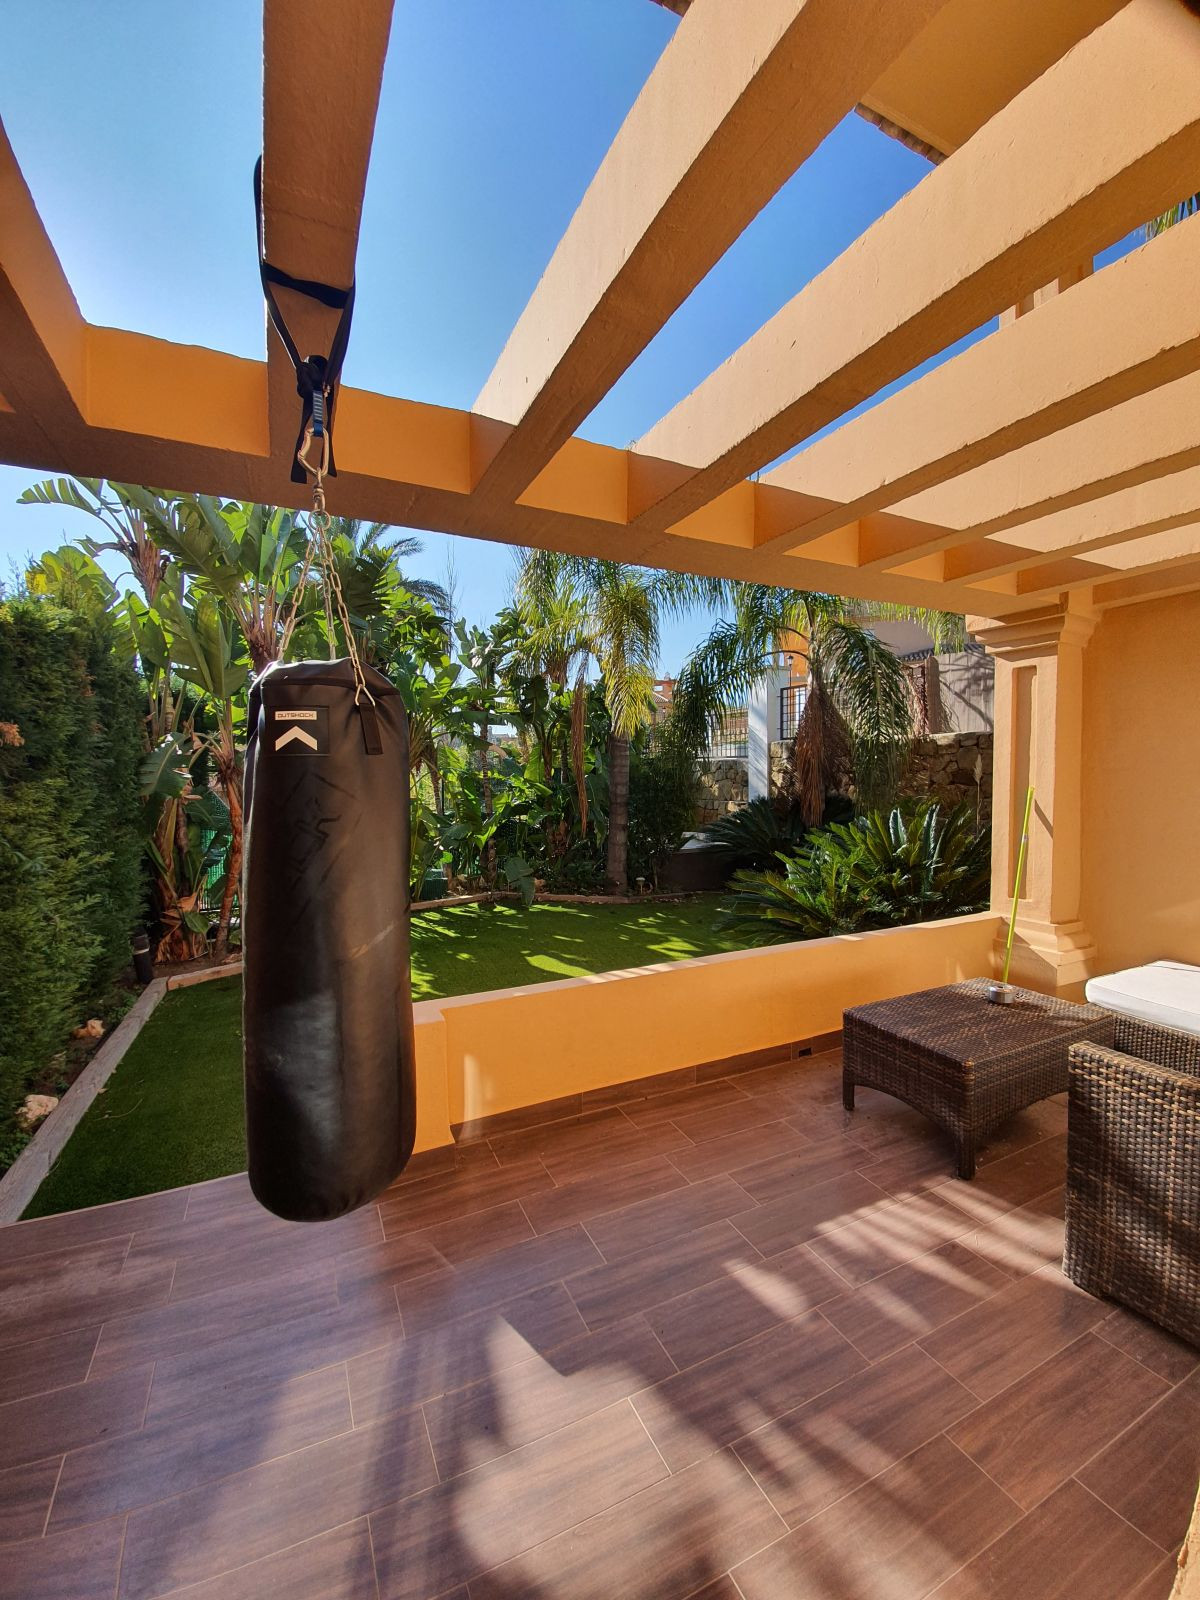 R2646935: Villa - Semi Detached for sale in Estepona